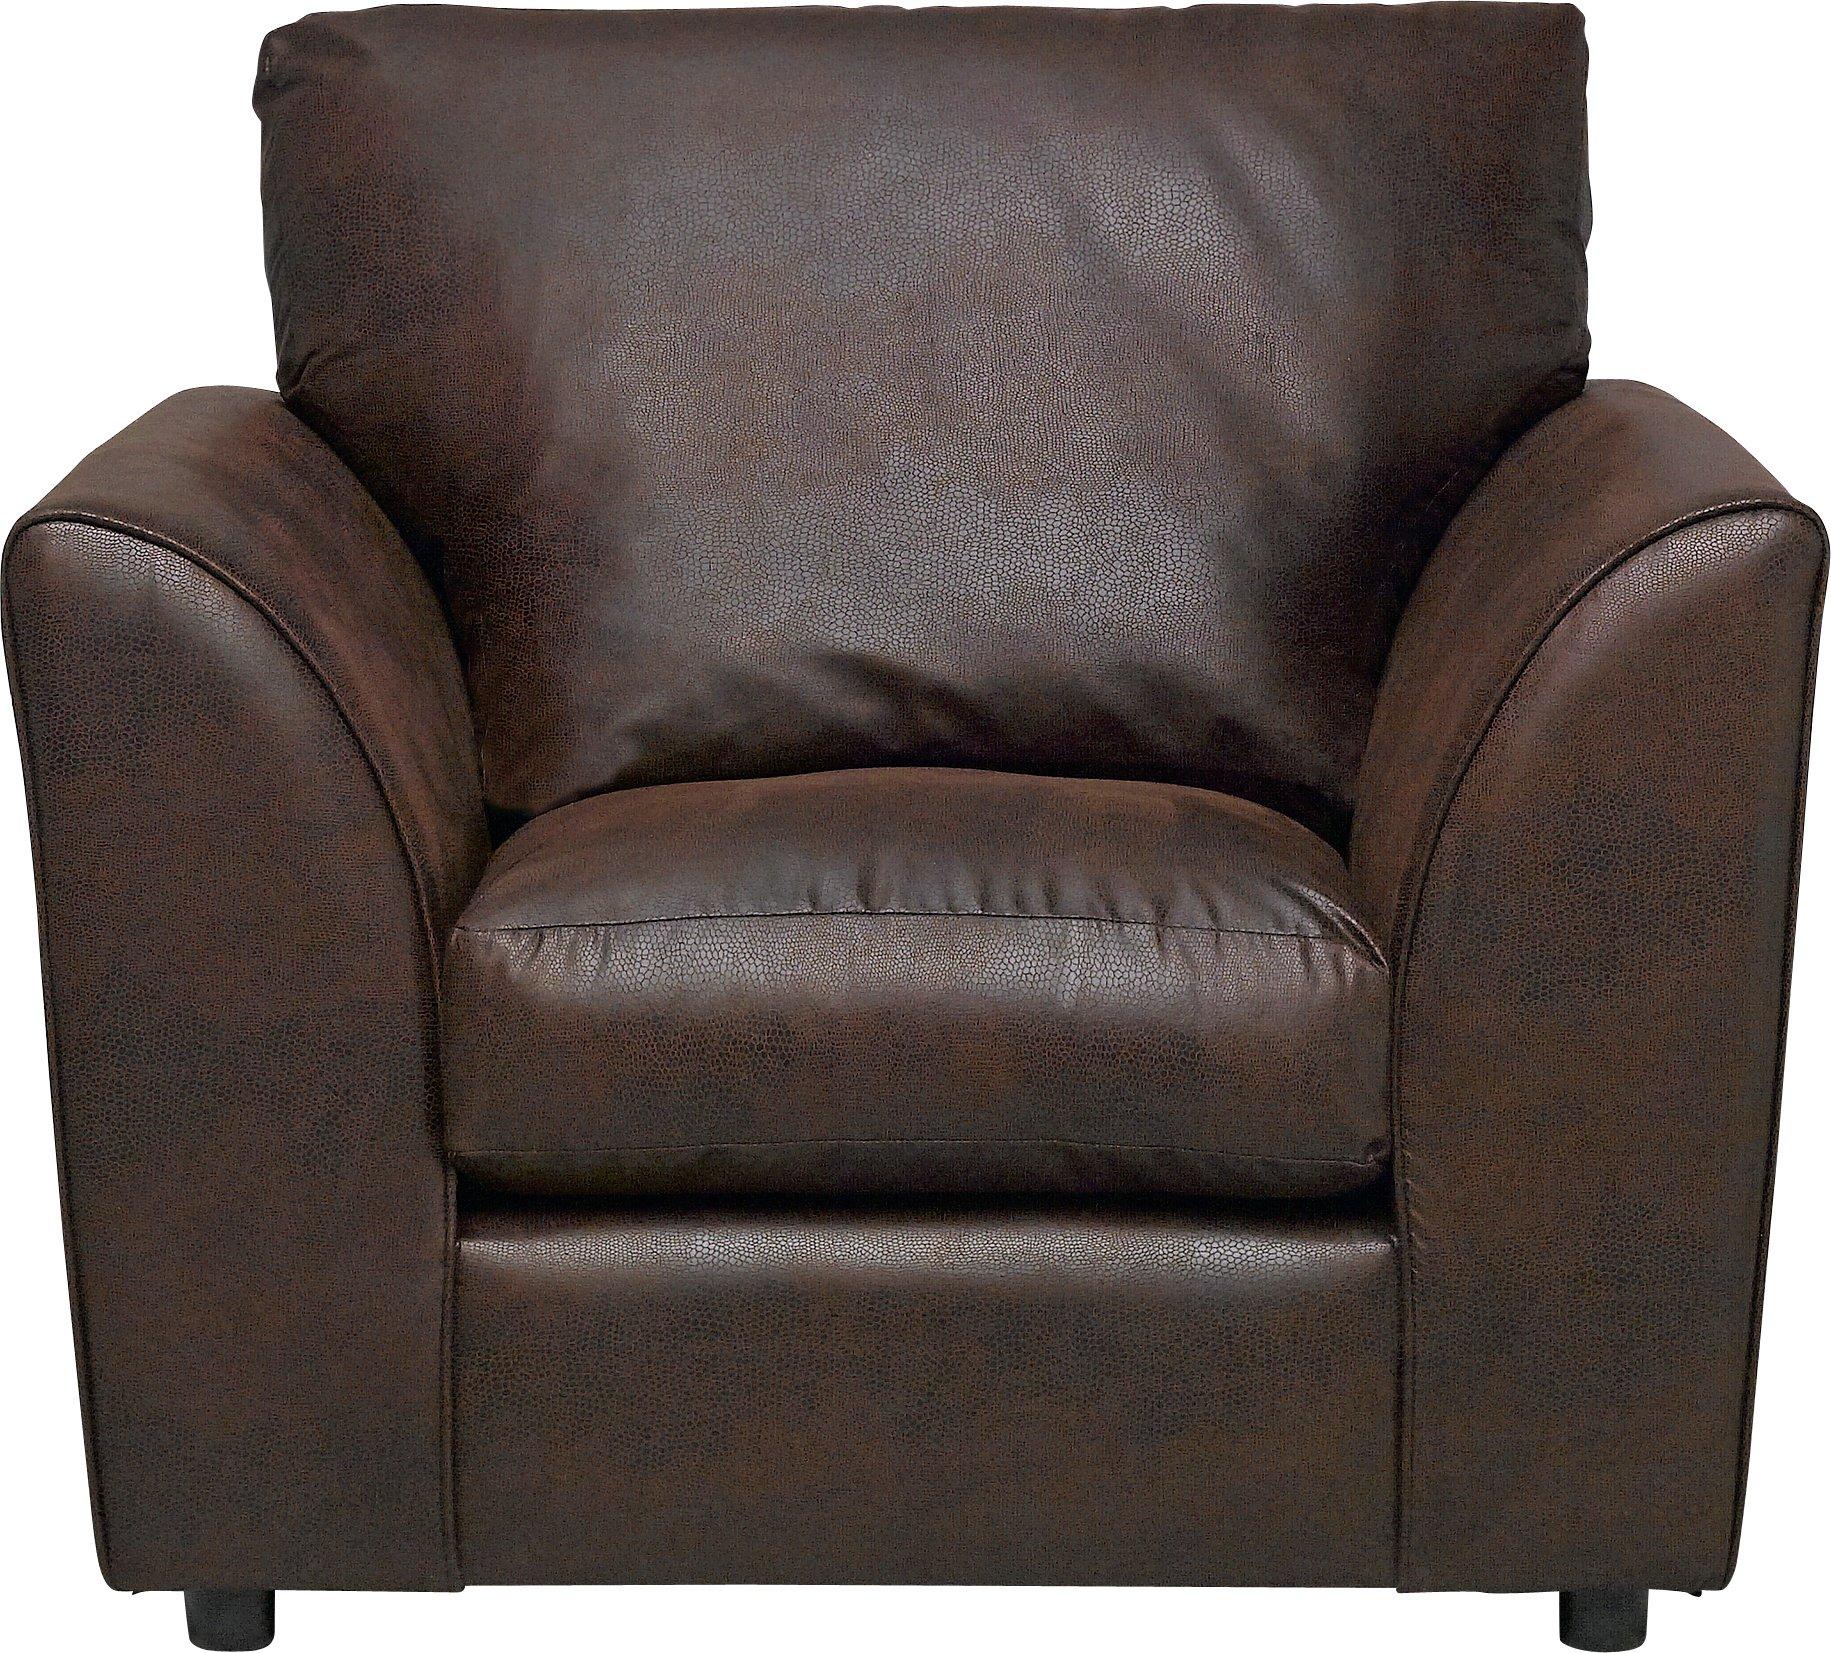 Argos Home New Alfie Leather Effect Chair   Dark Brown